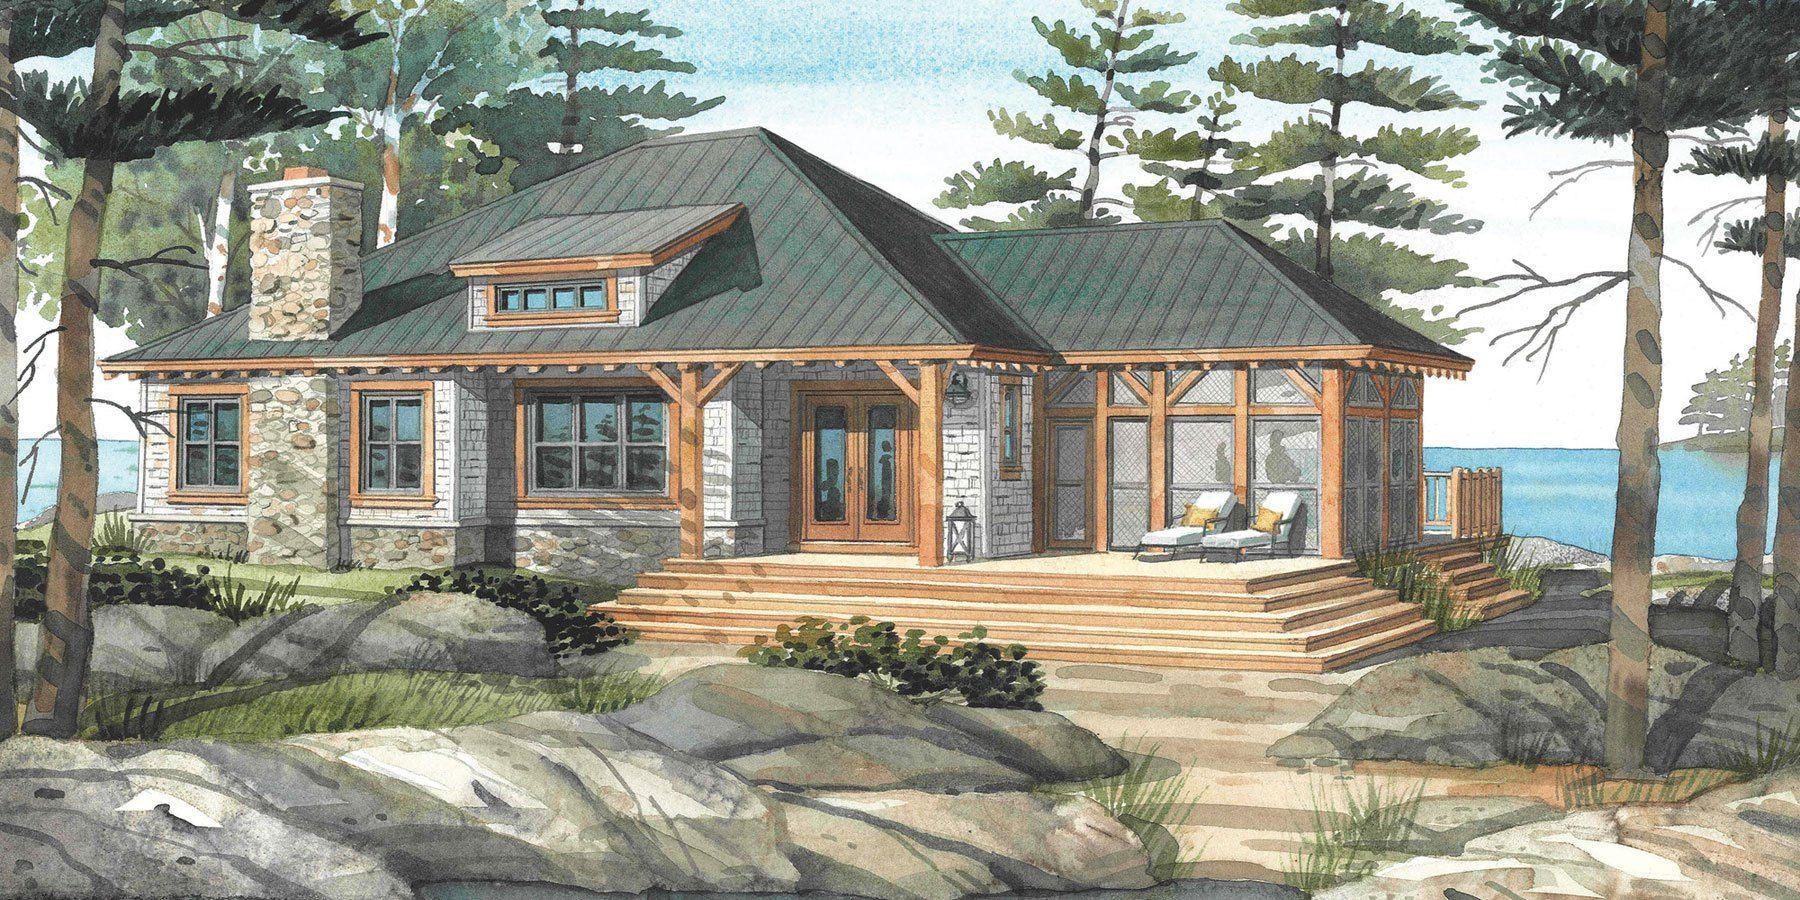 Design Plans Small Retirement Home Plans Lakefront Cottage Plans